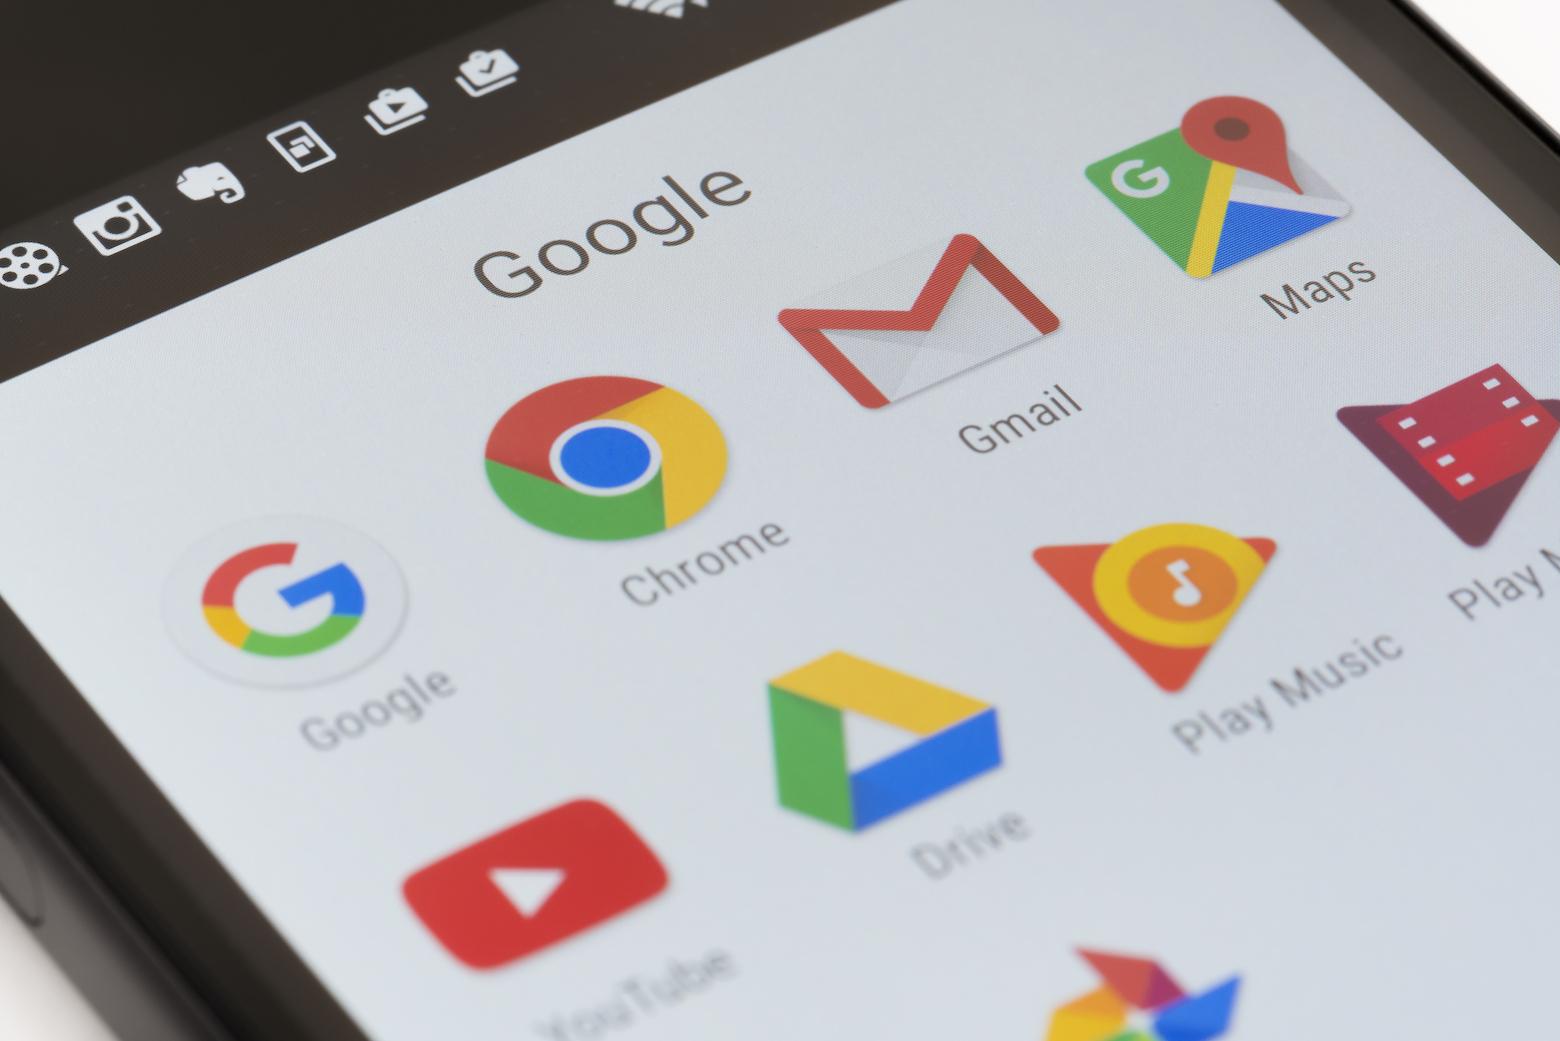 Еврокомиссия занялась расследованием методов Google по сбору данных